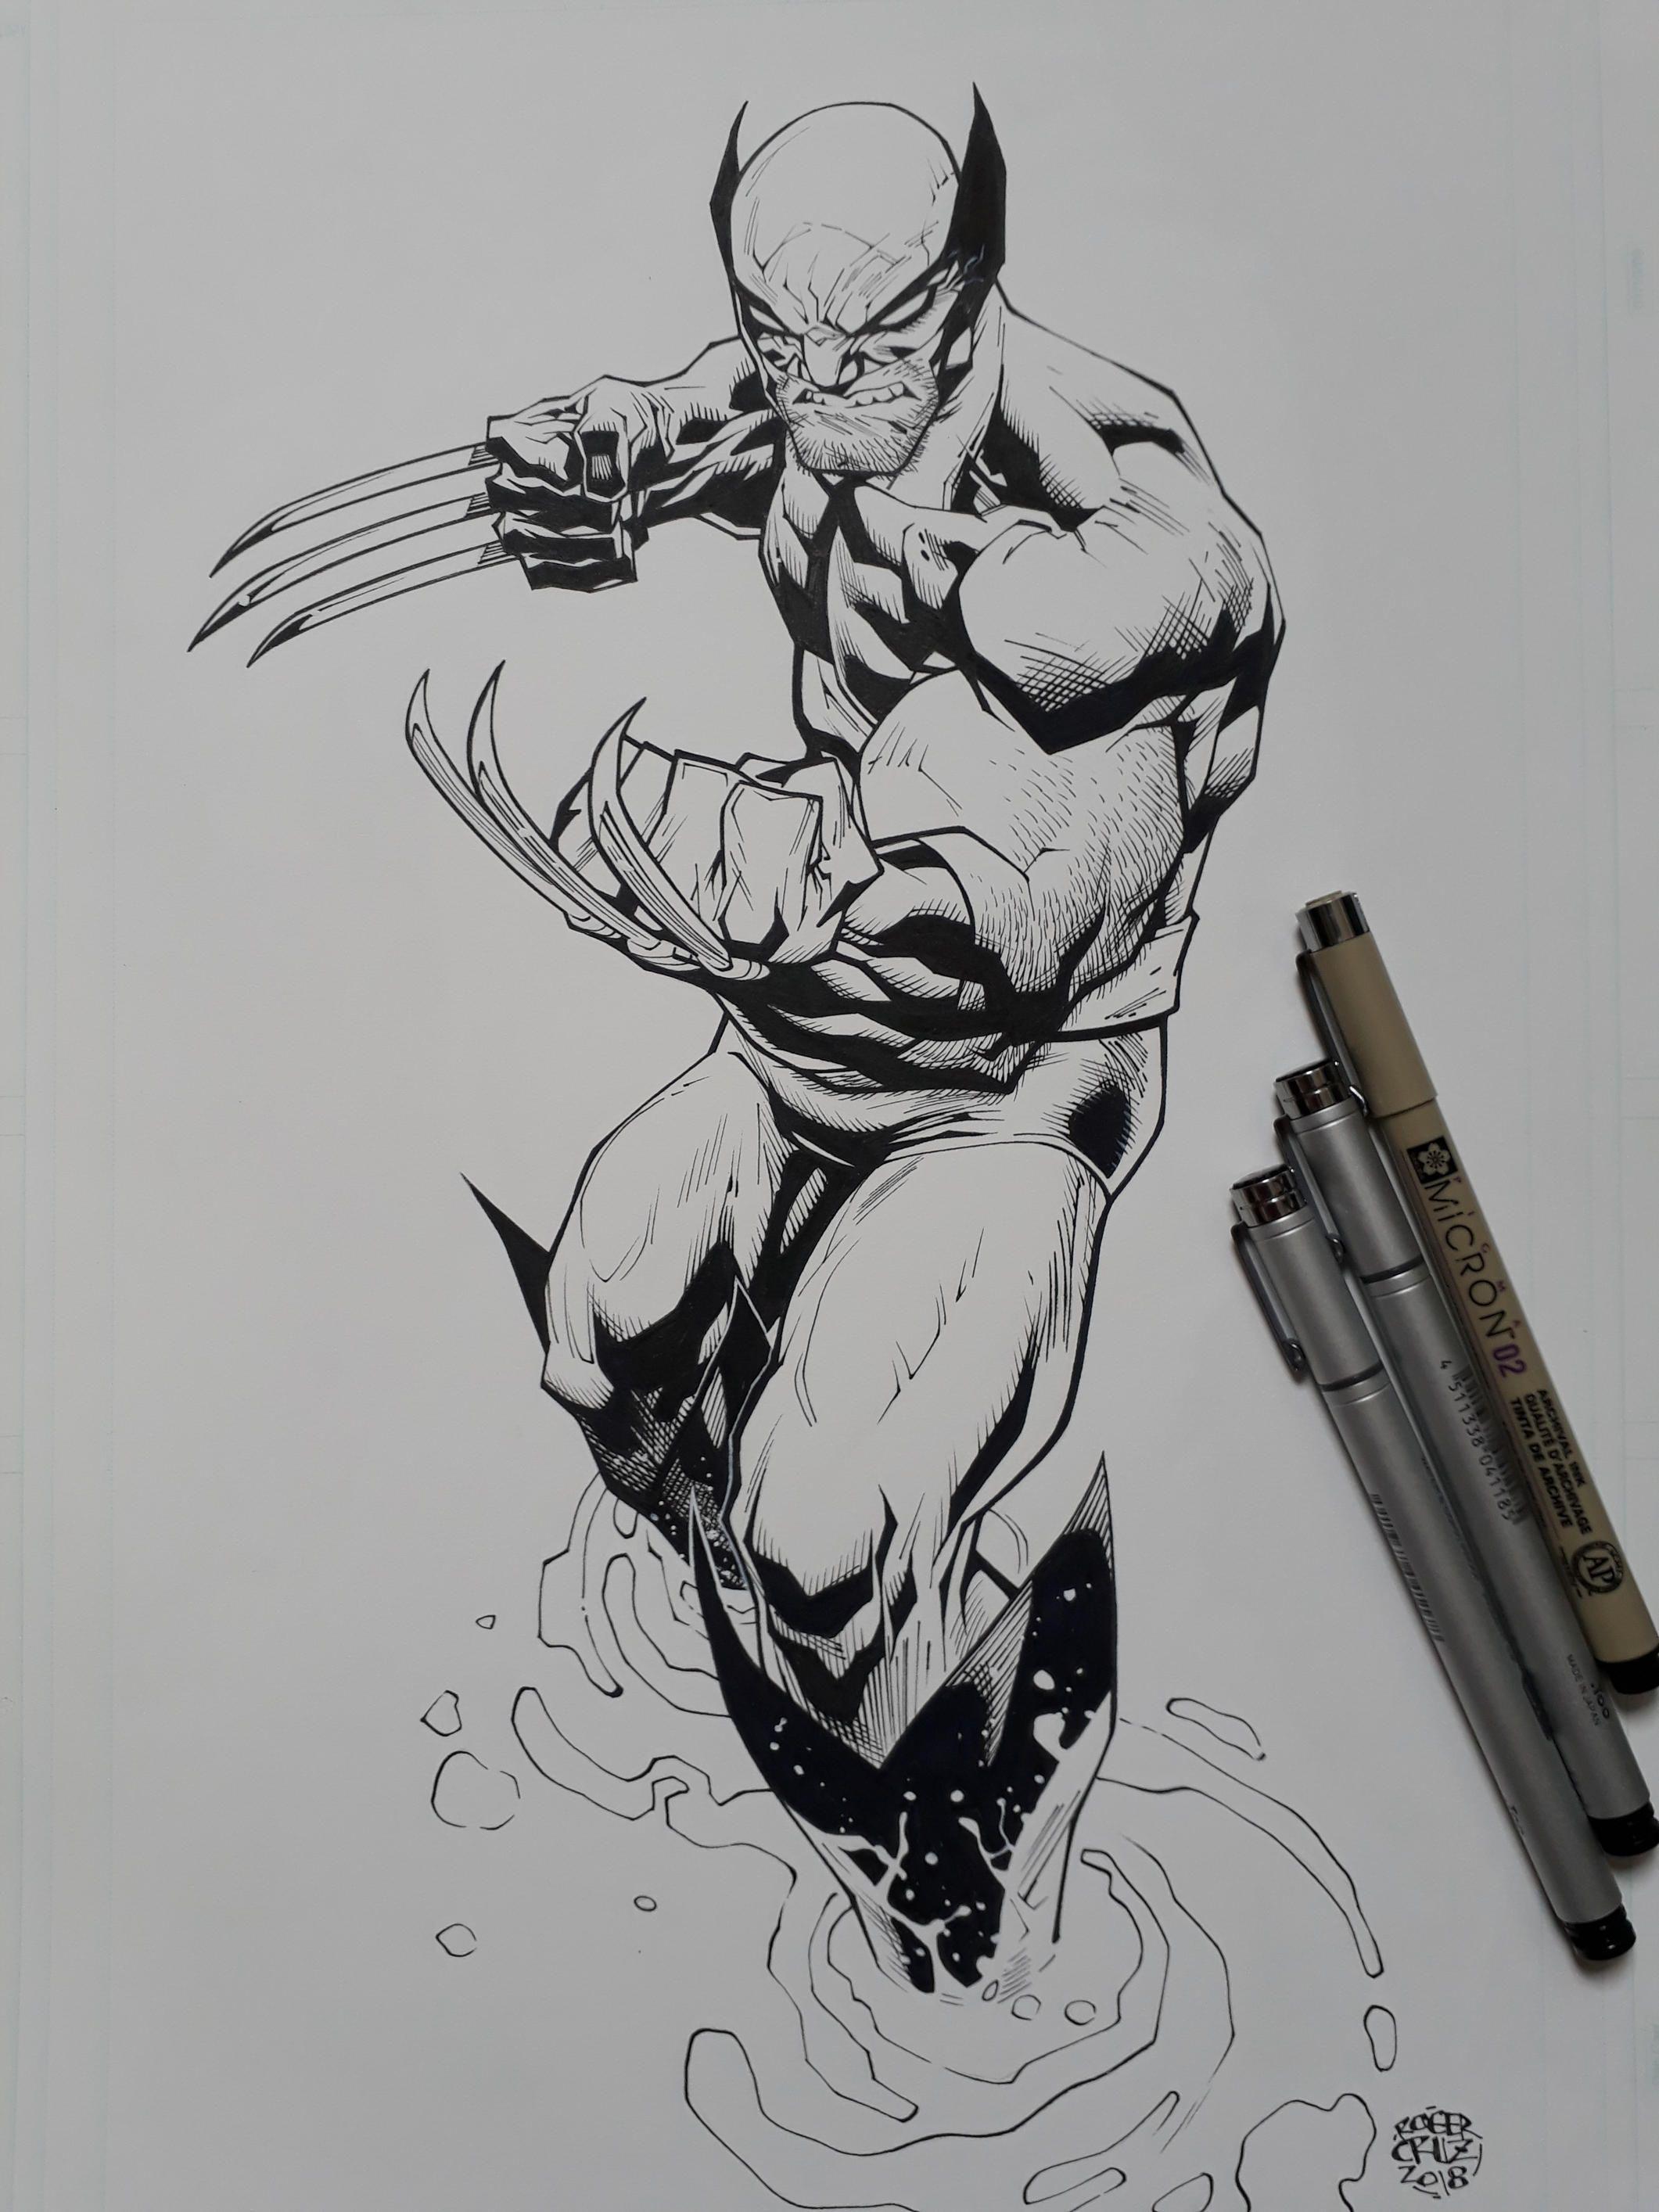 Wolverine 2018 Inks By Rogercruz Inks Wolverine Deviantart